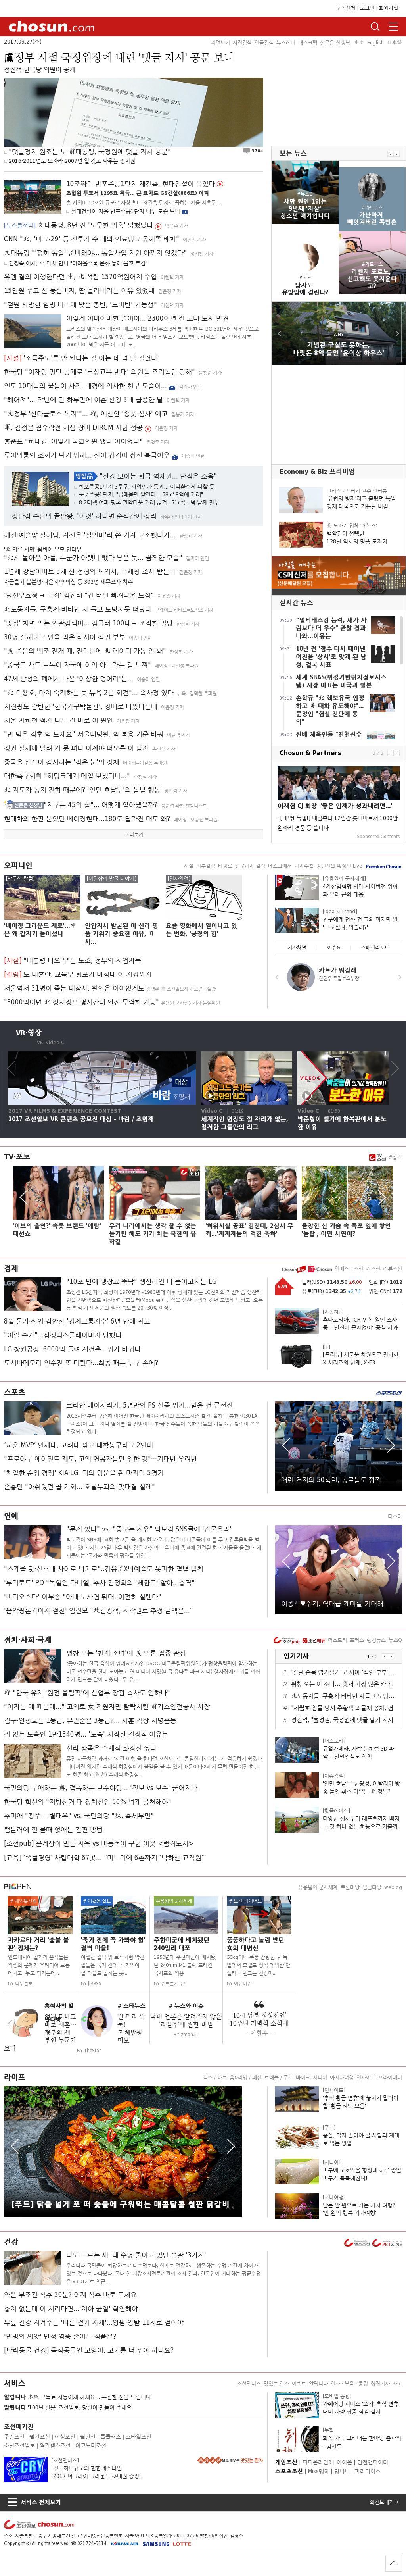 chosun.com at Wednesday Sept. 27, 2017, 10:02 a.m. UTC